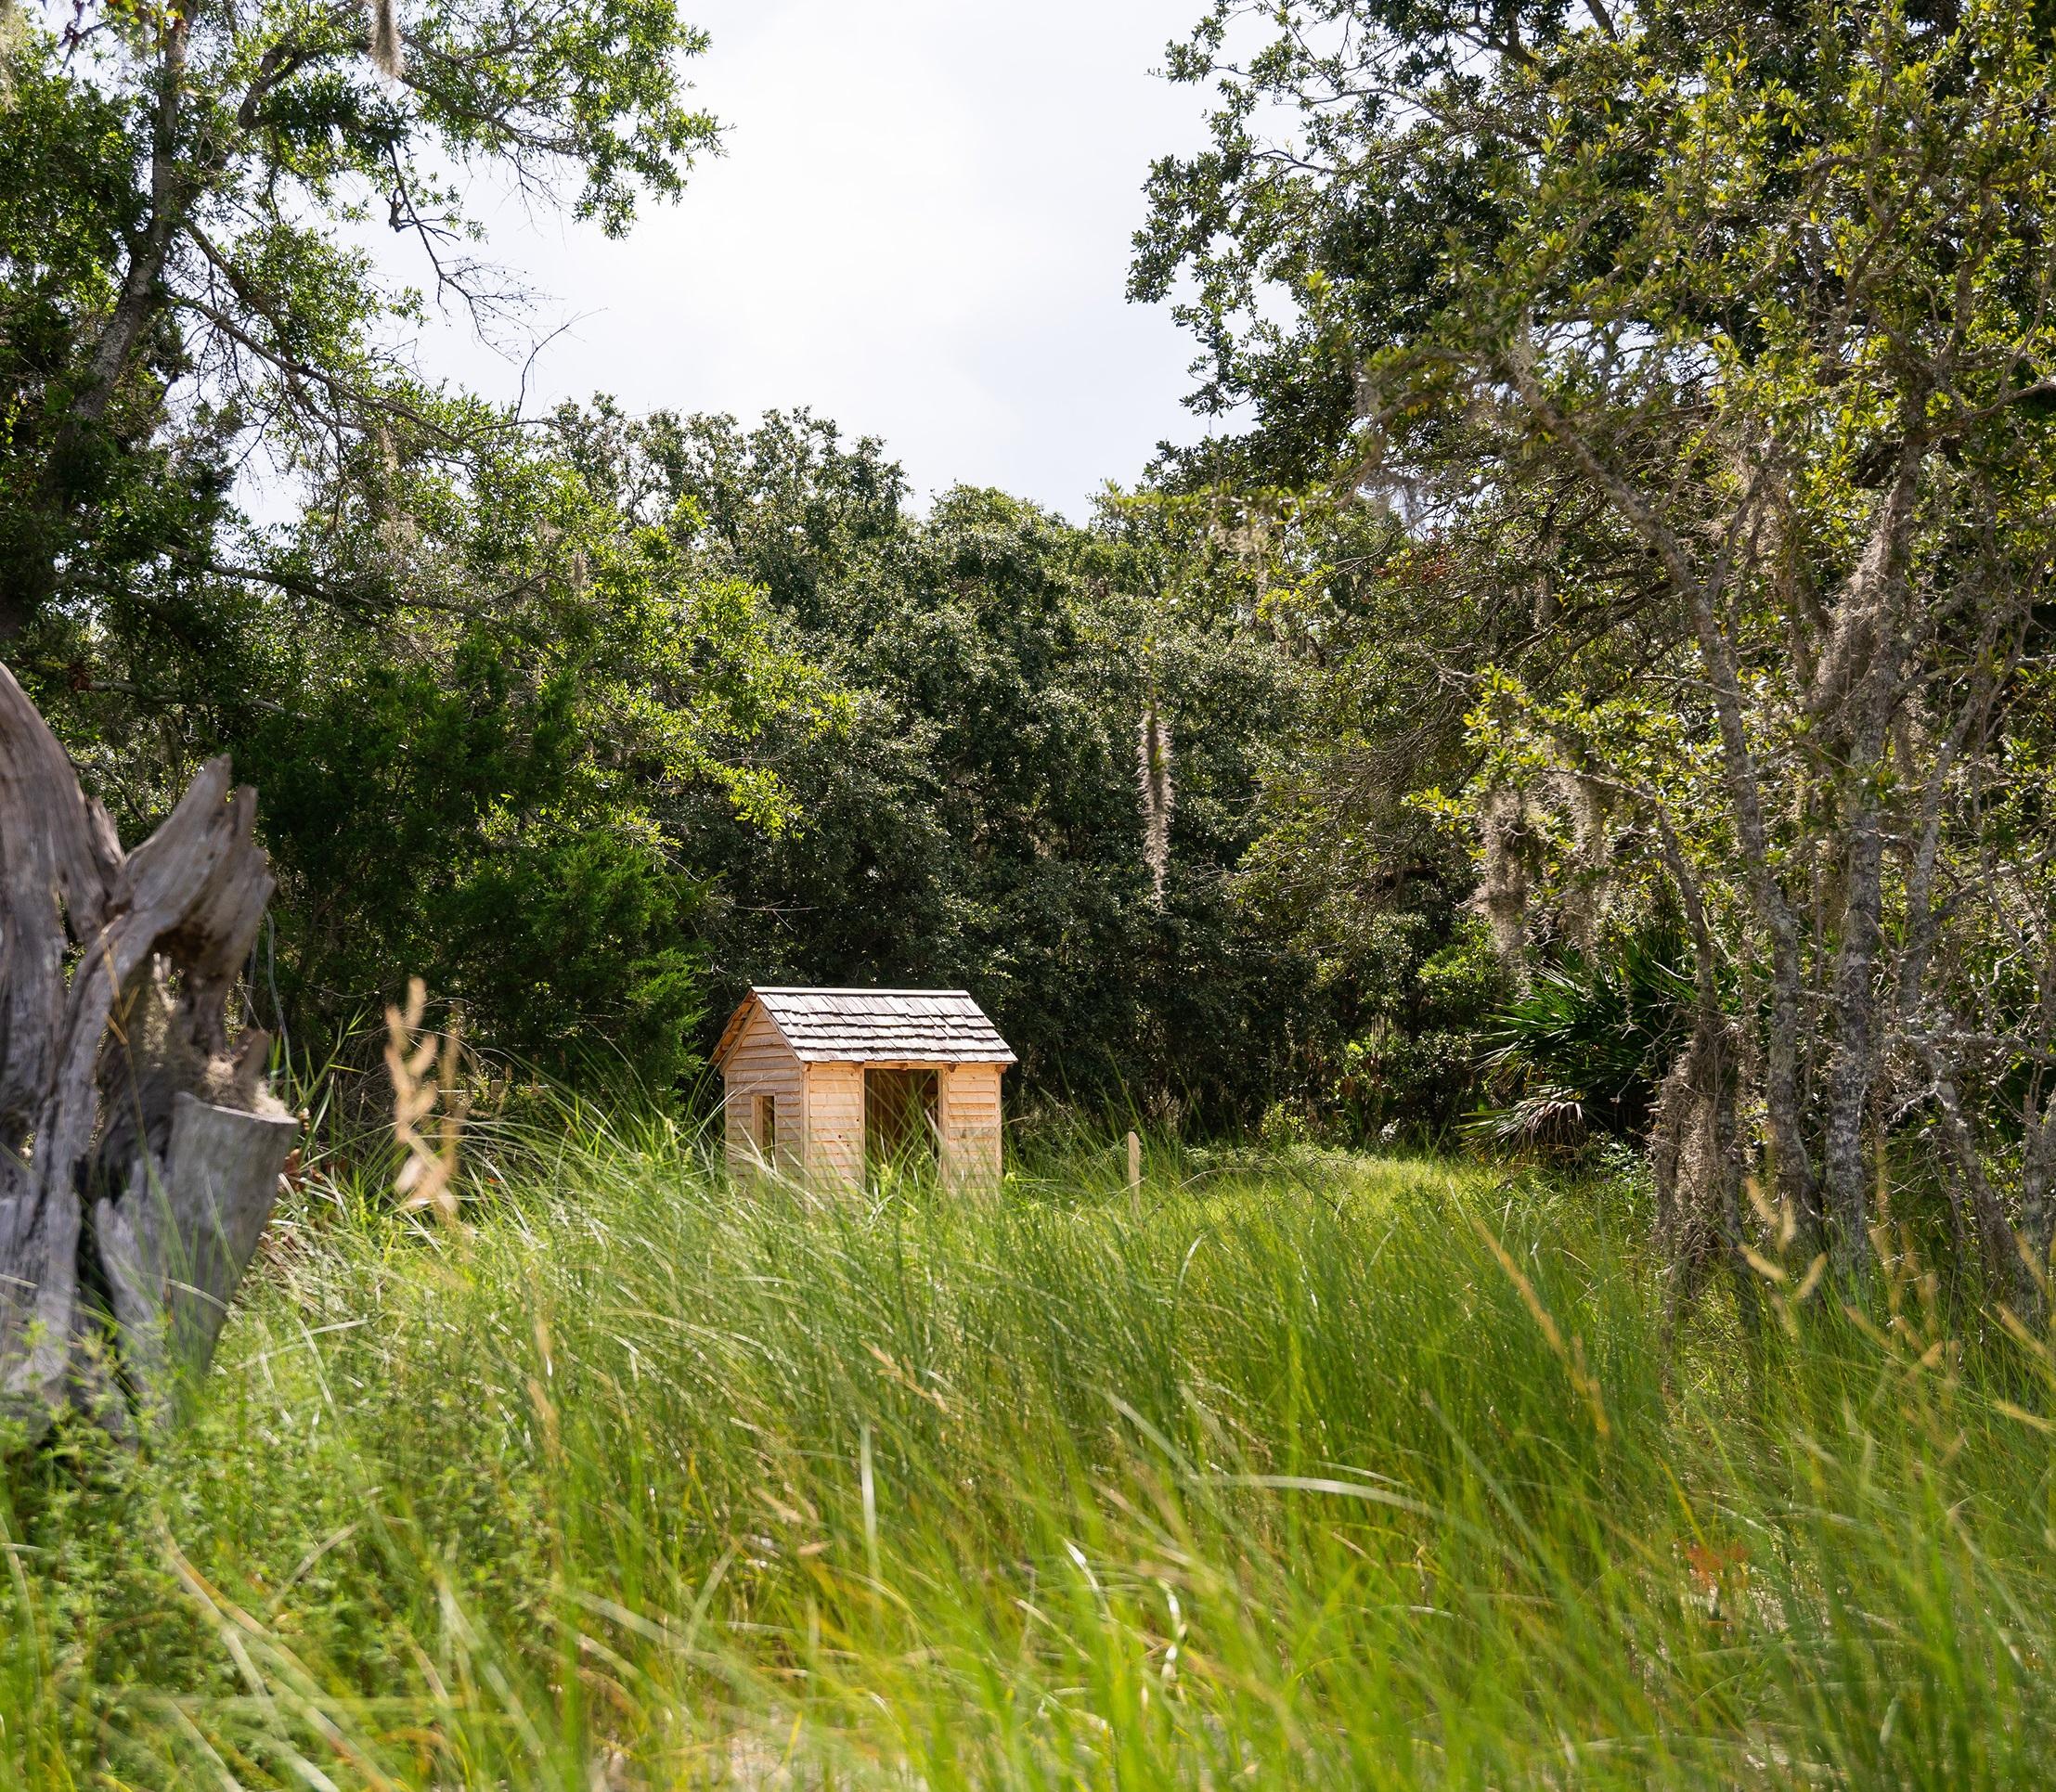 The Wanderer Memorial